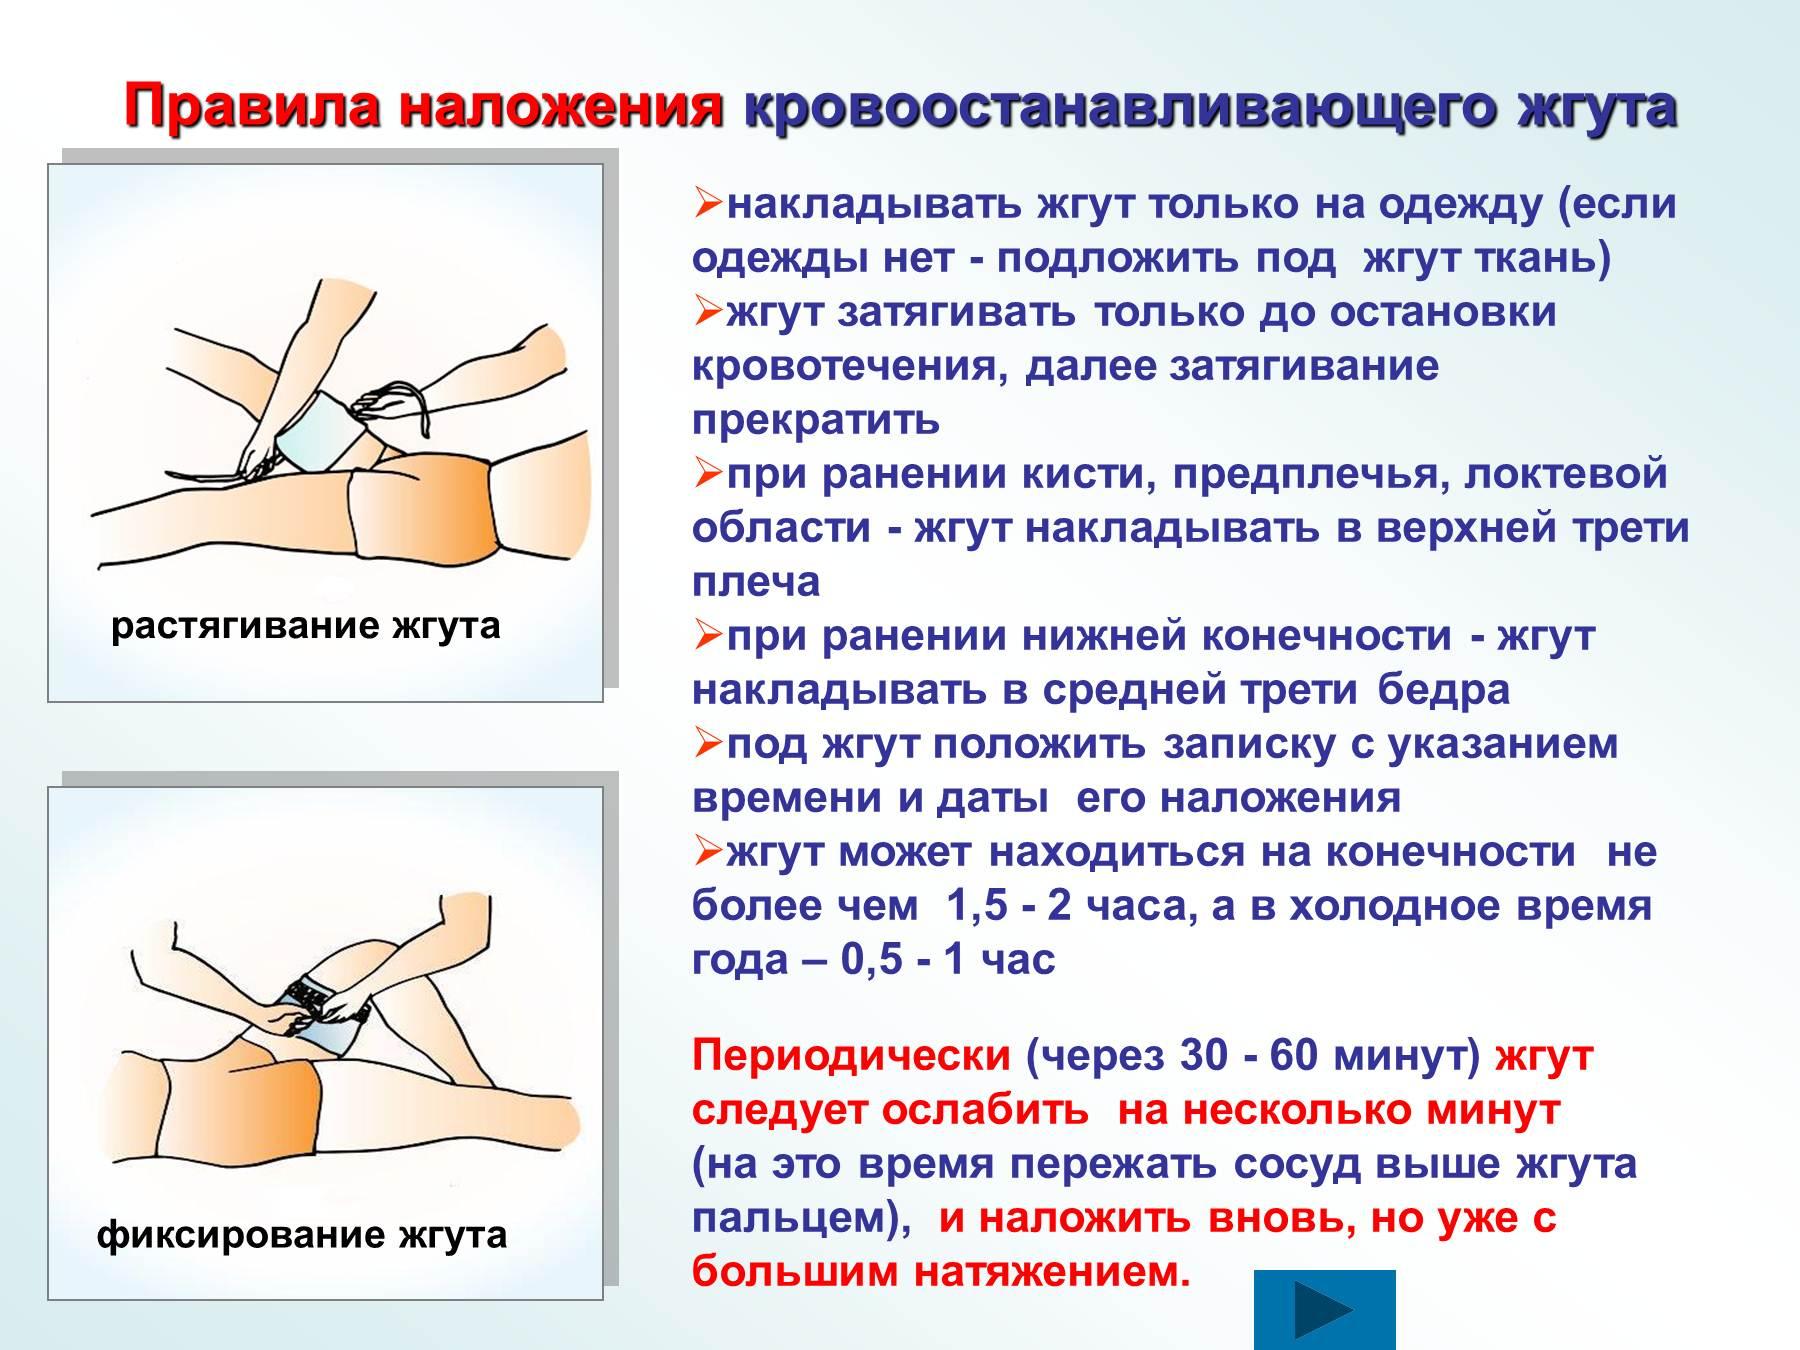 Как правильно выбрать место положения кровоостанавливающего жгута на конечности при артериальном кровотечении